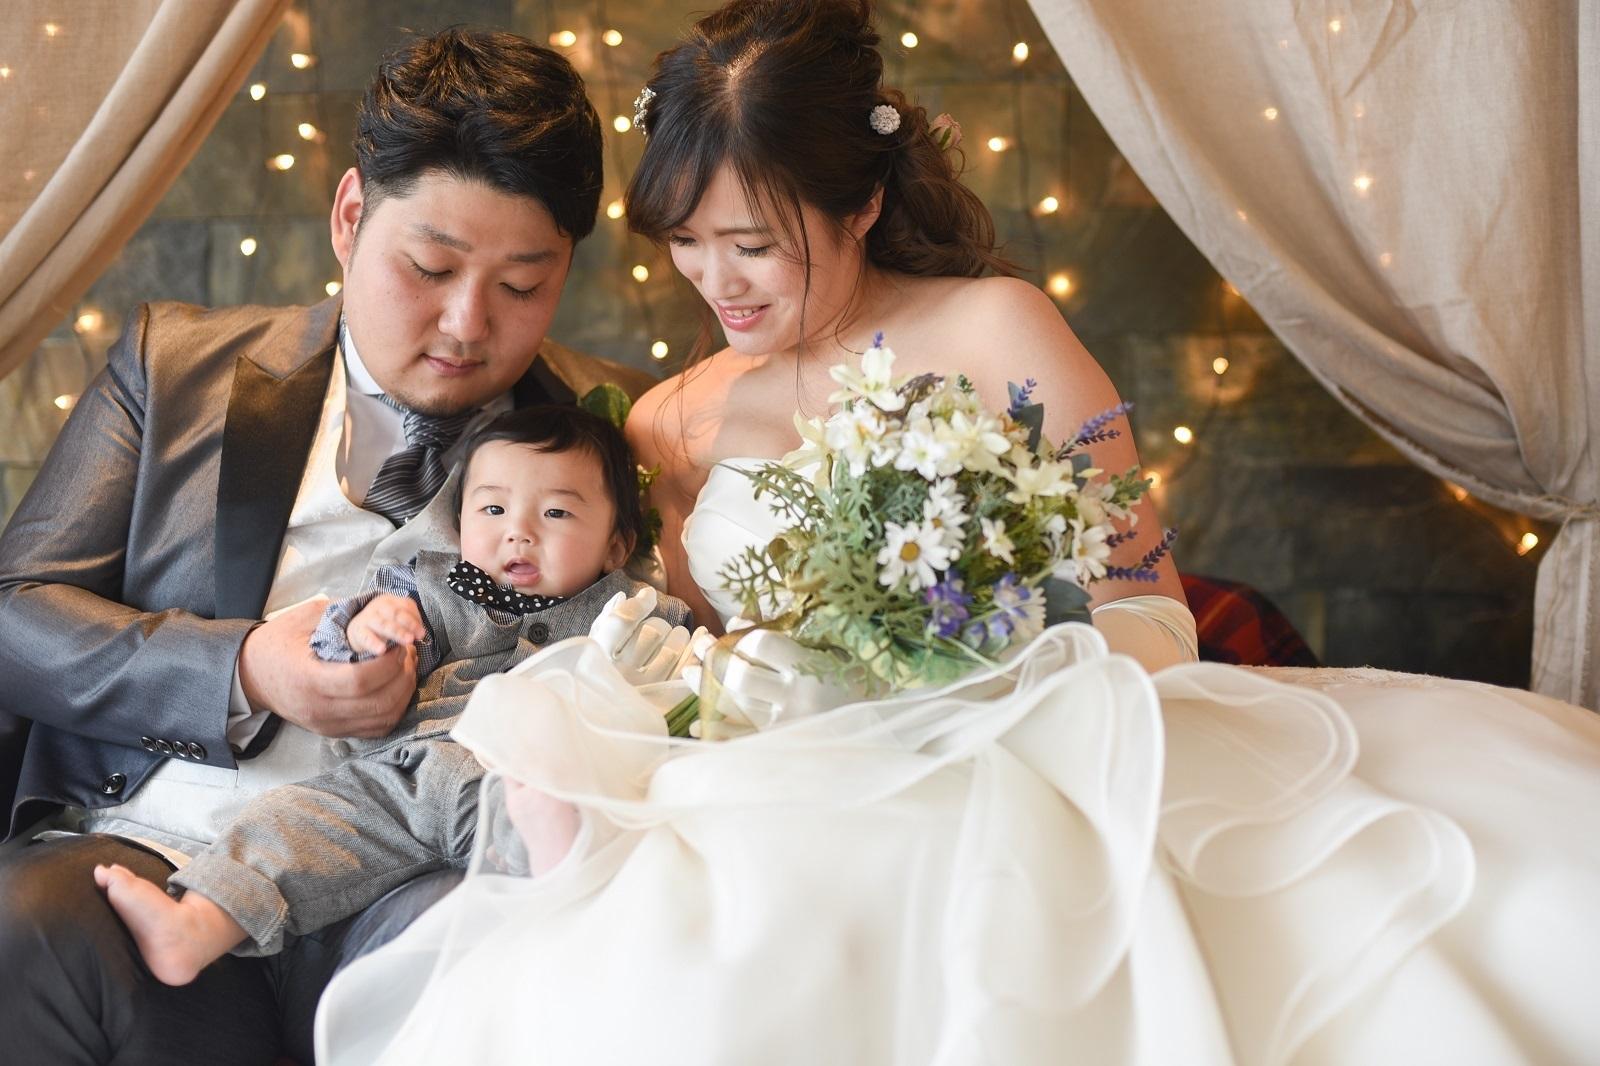 香川県高松市の小さな結婚式紹介所マリマリコンシェルジュで記念のファミリーフォト